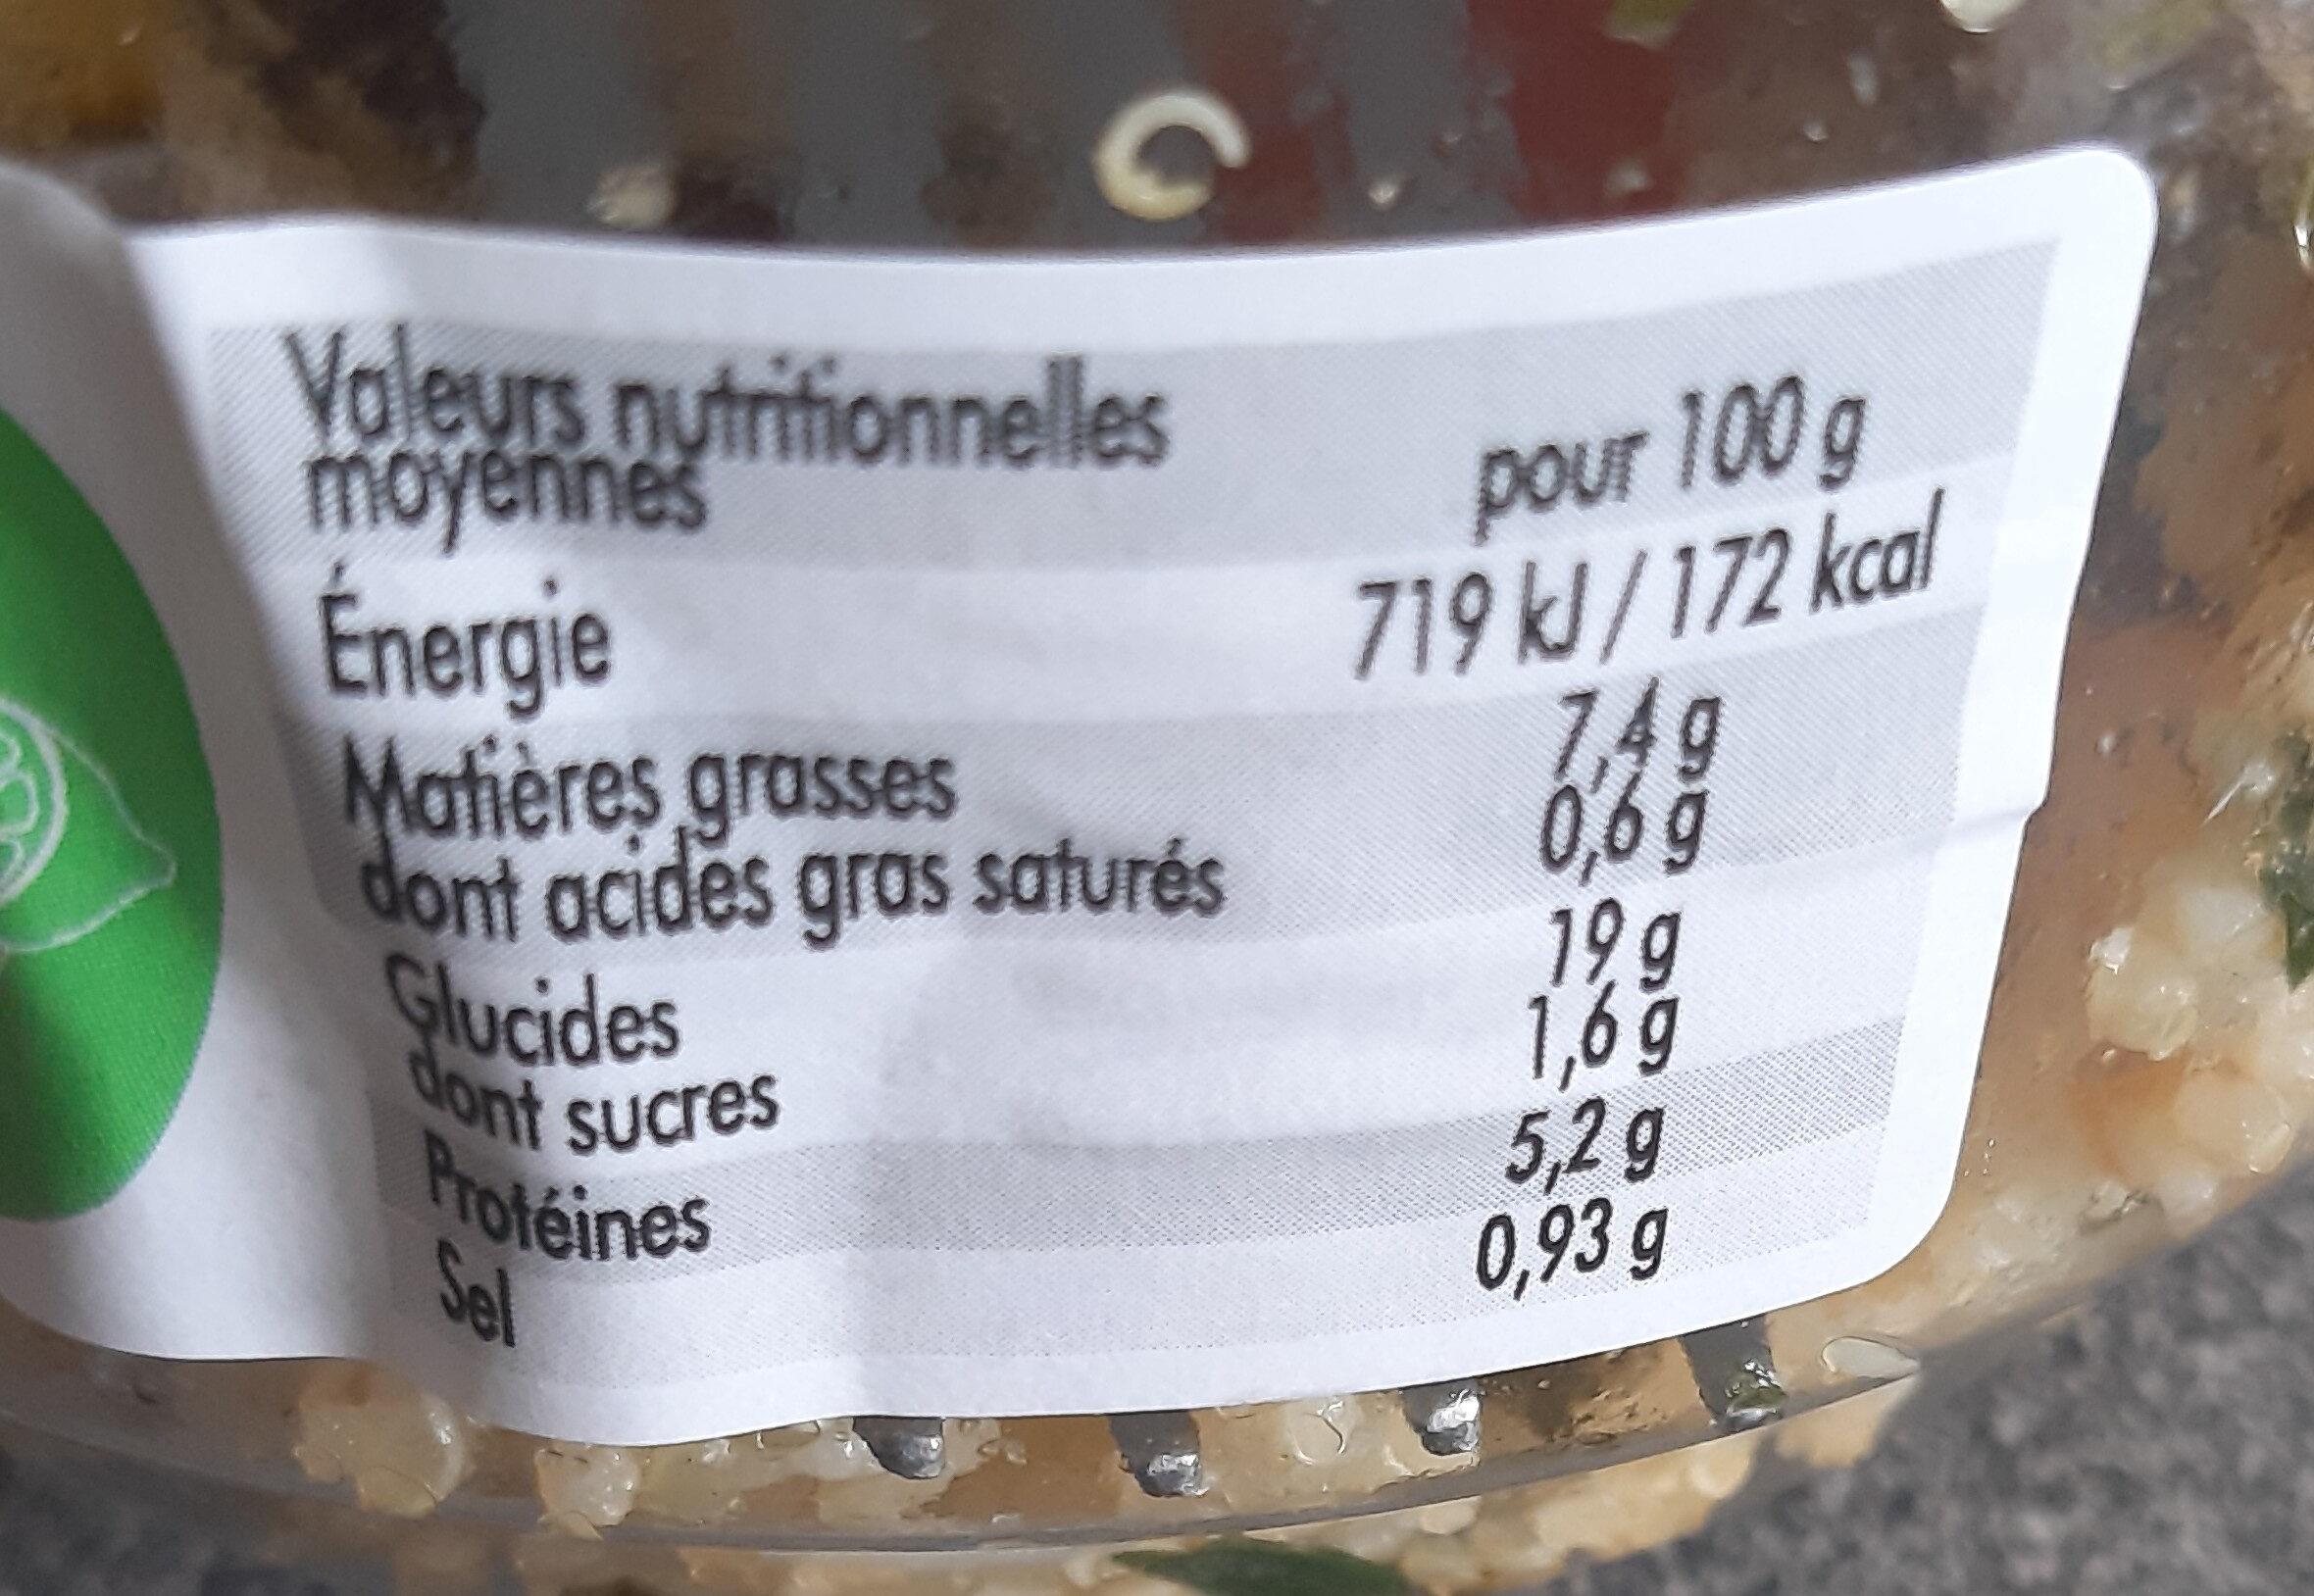 Salade de quinoa aux trois légumineuses - Nutrition facts - fr